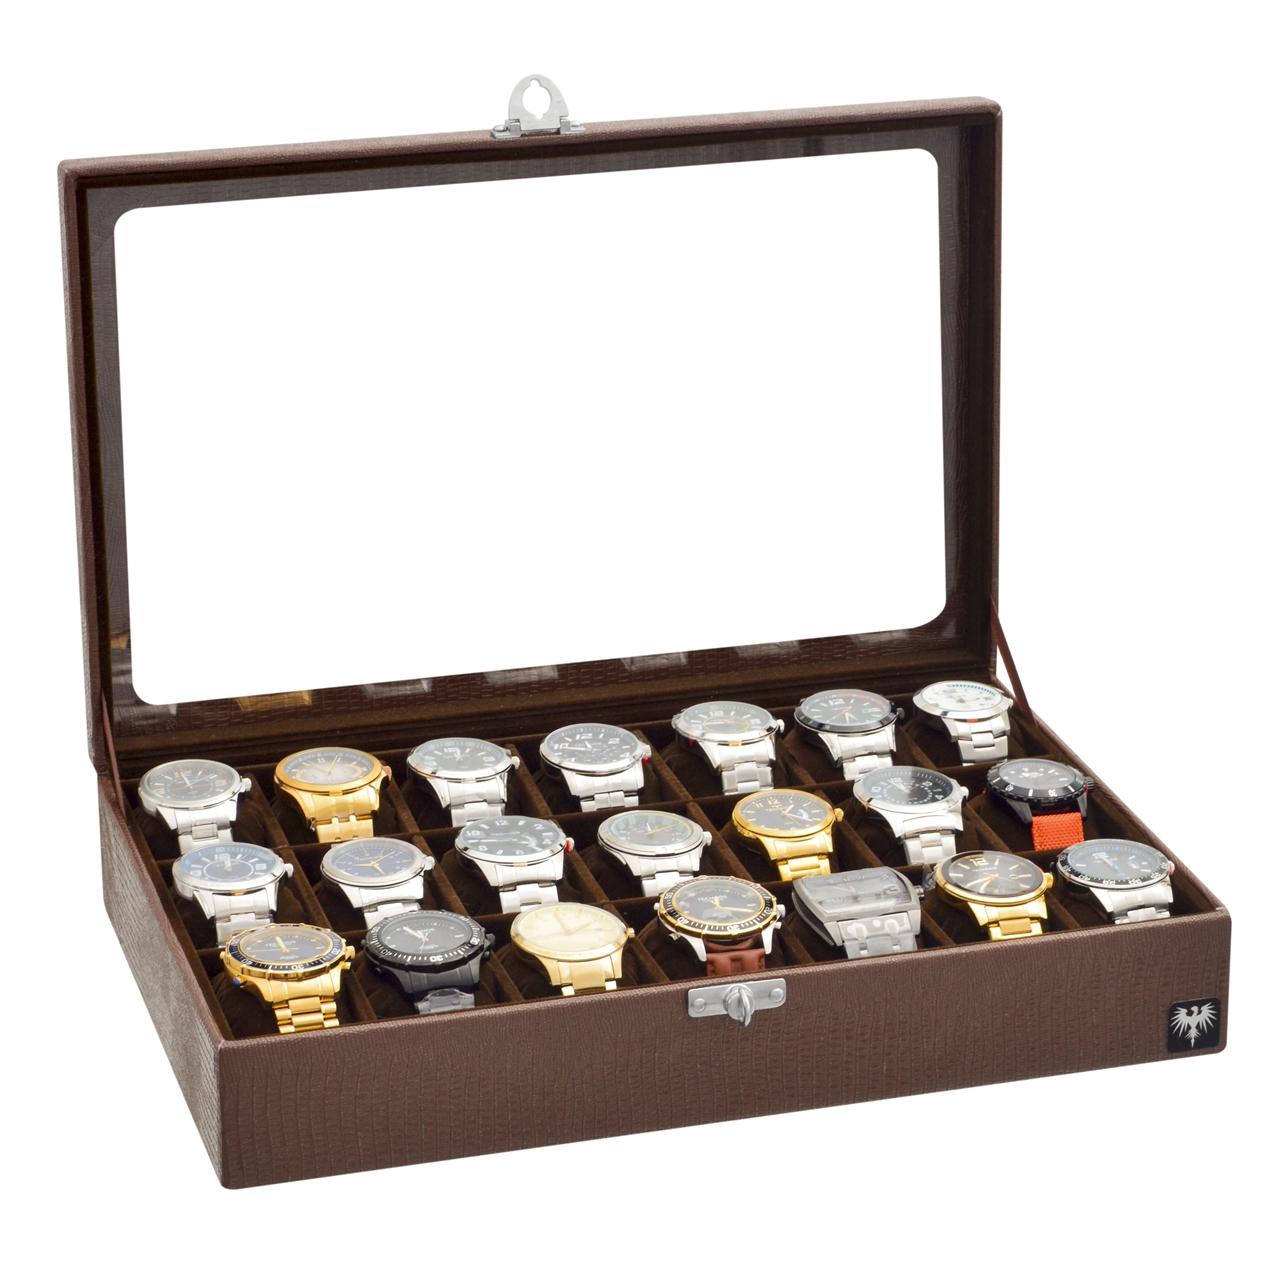 estojo-couro-ecologico-21-relogios-marrom-marrom-porta-caixa-imagem-9.jpg